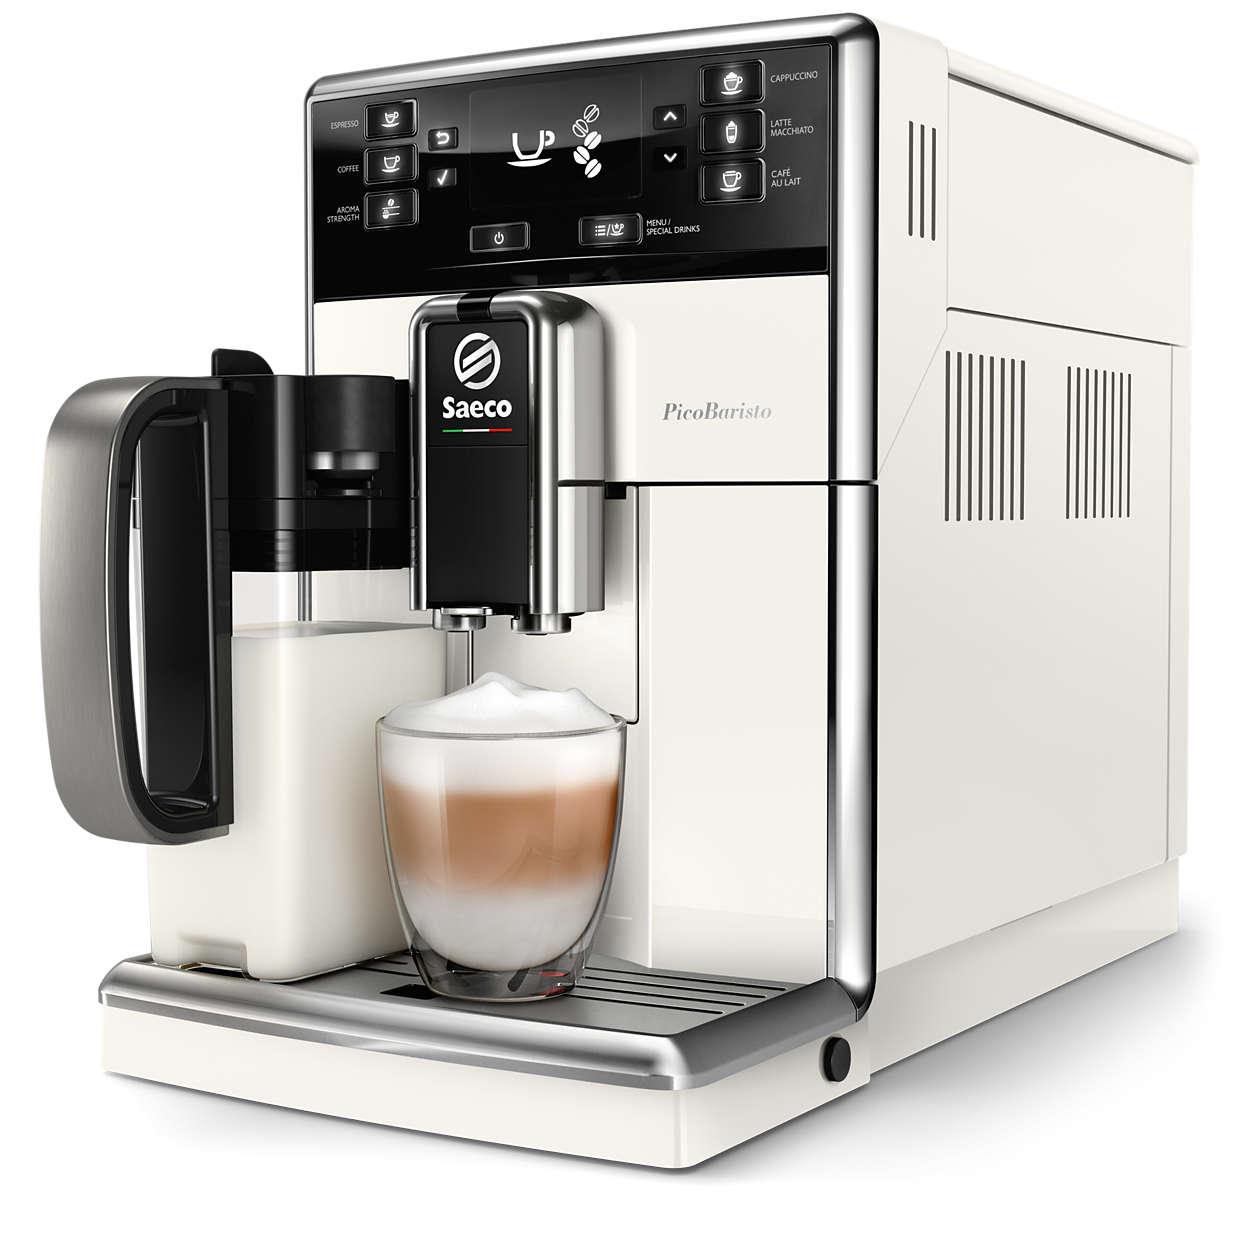 Wyśmienita kawa, dokładnie taka, jaką lubisz